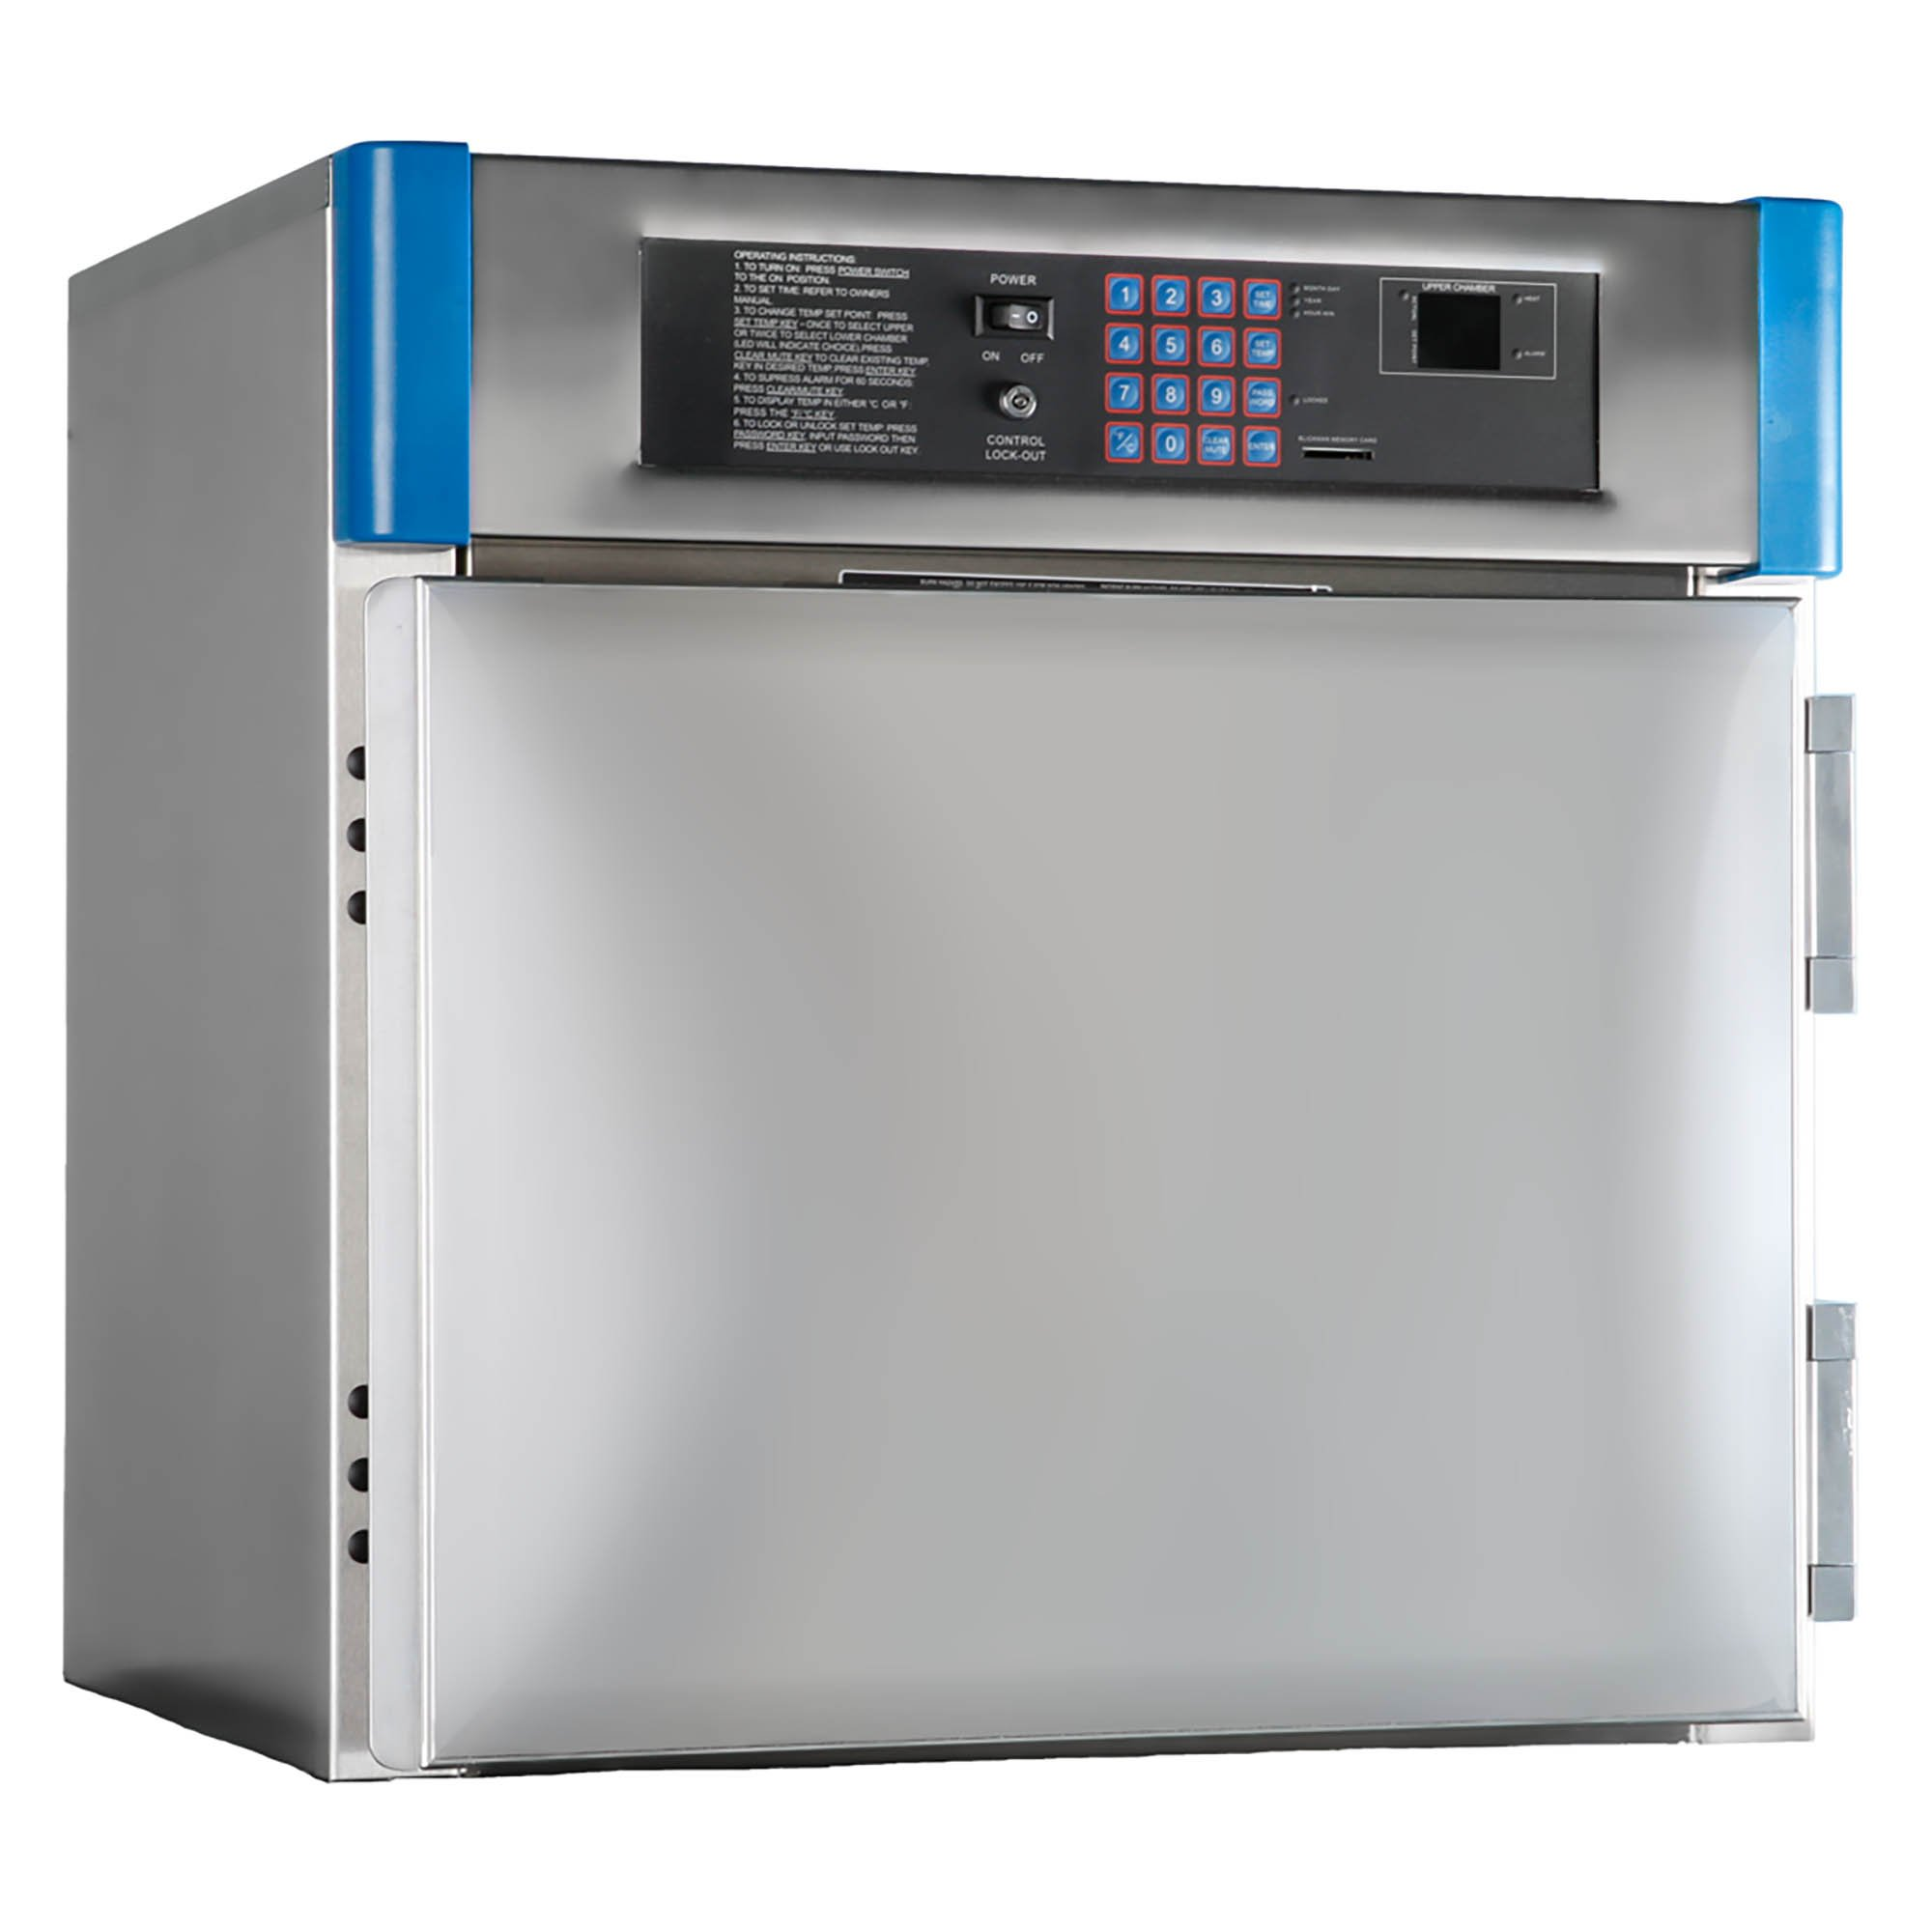 Blickman Warming Cabinets - Single Stainless Steel Door - 24